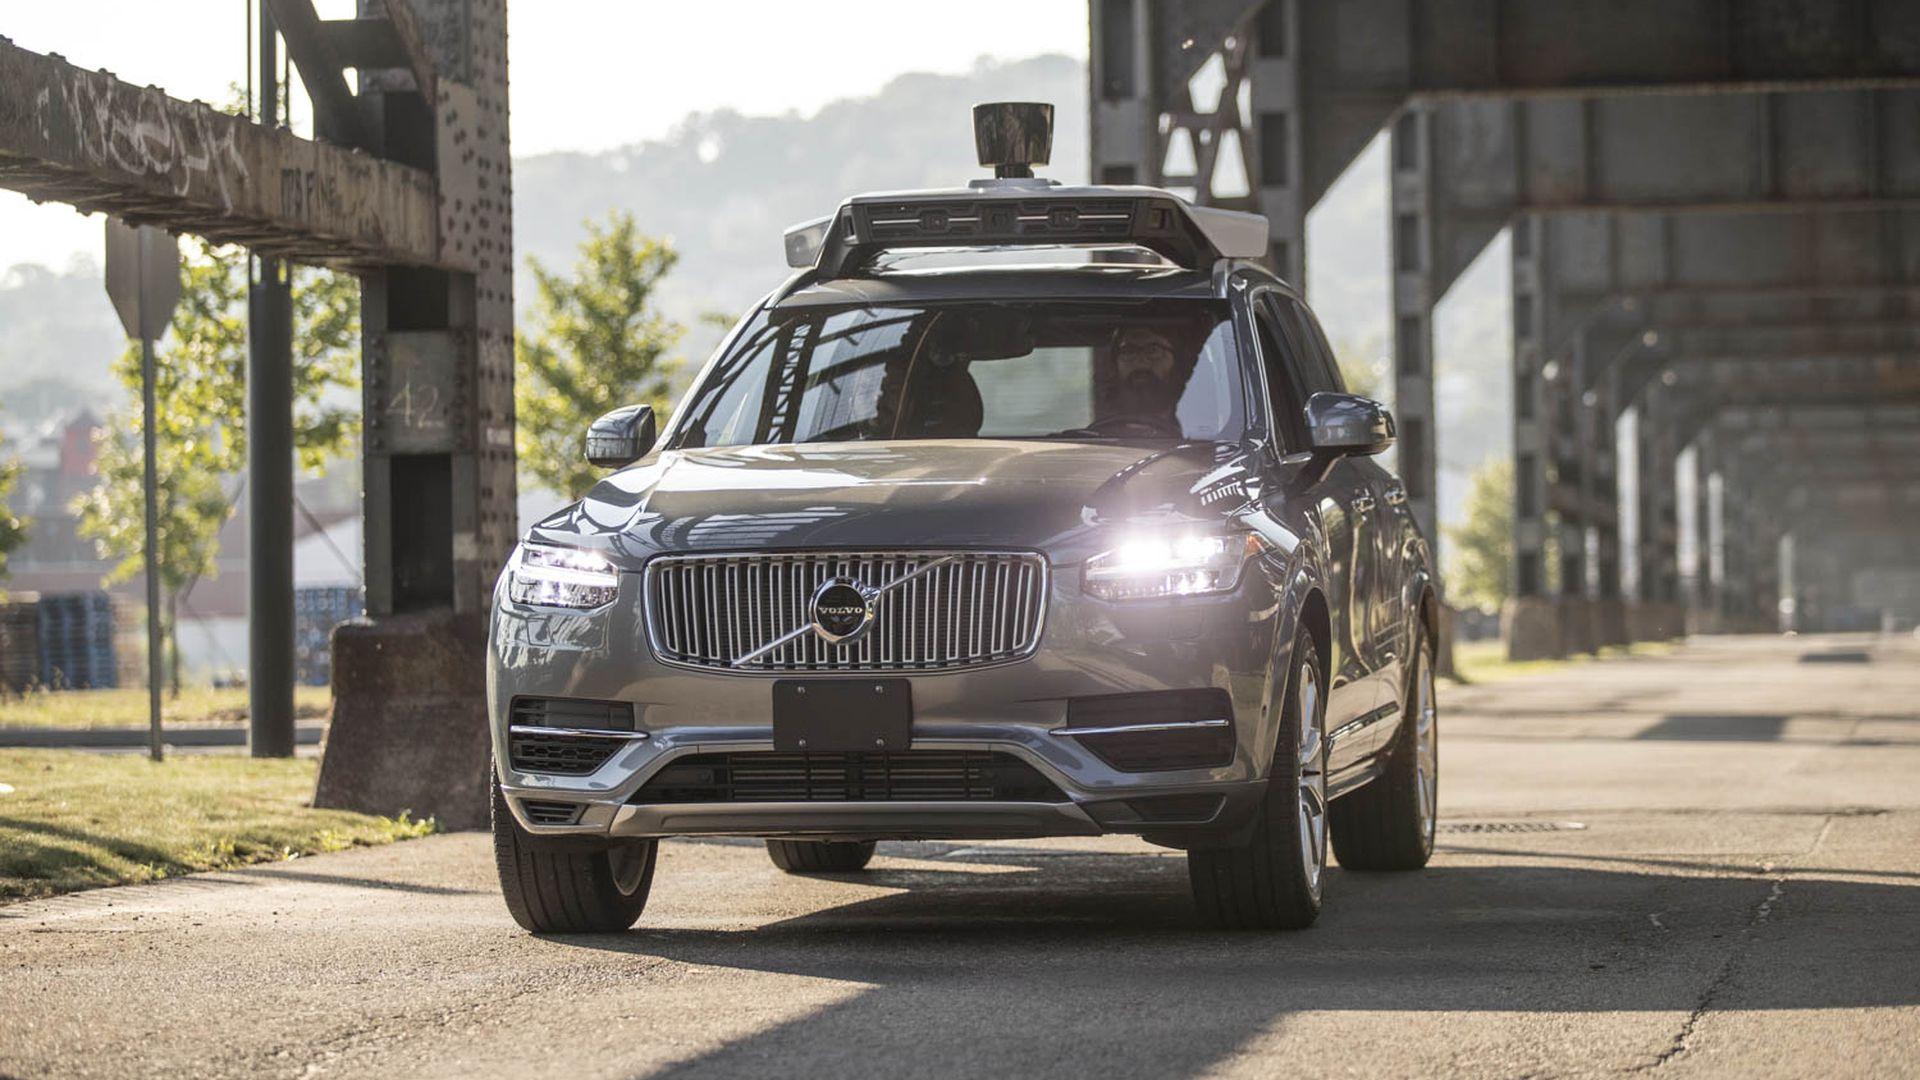 Image of Uber self-driving car